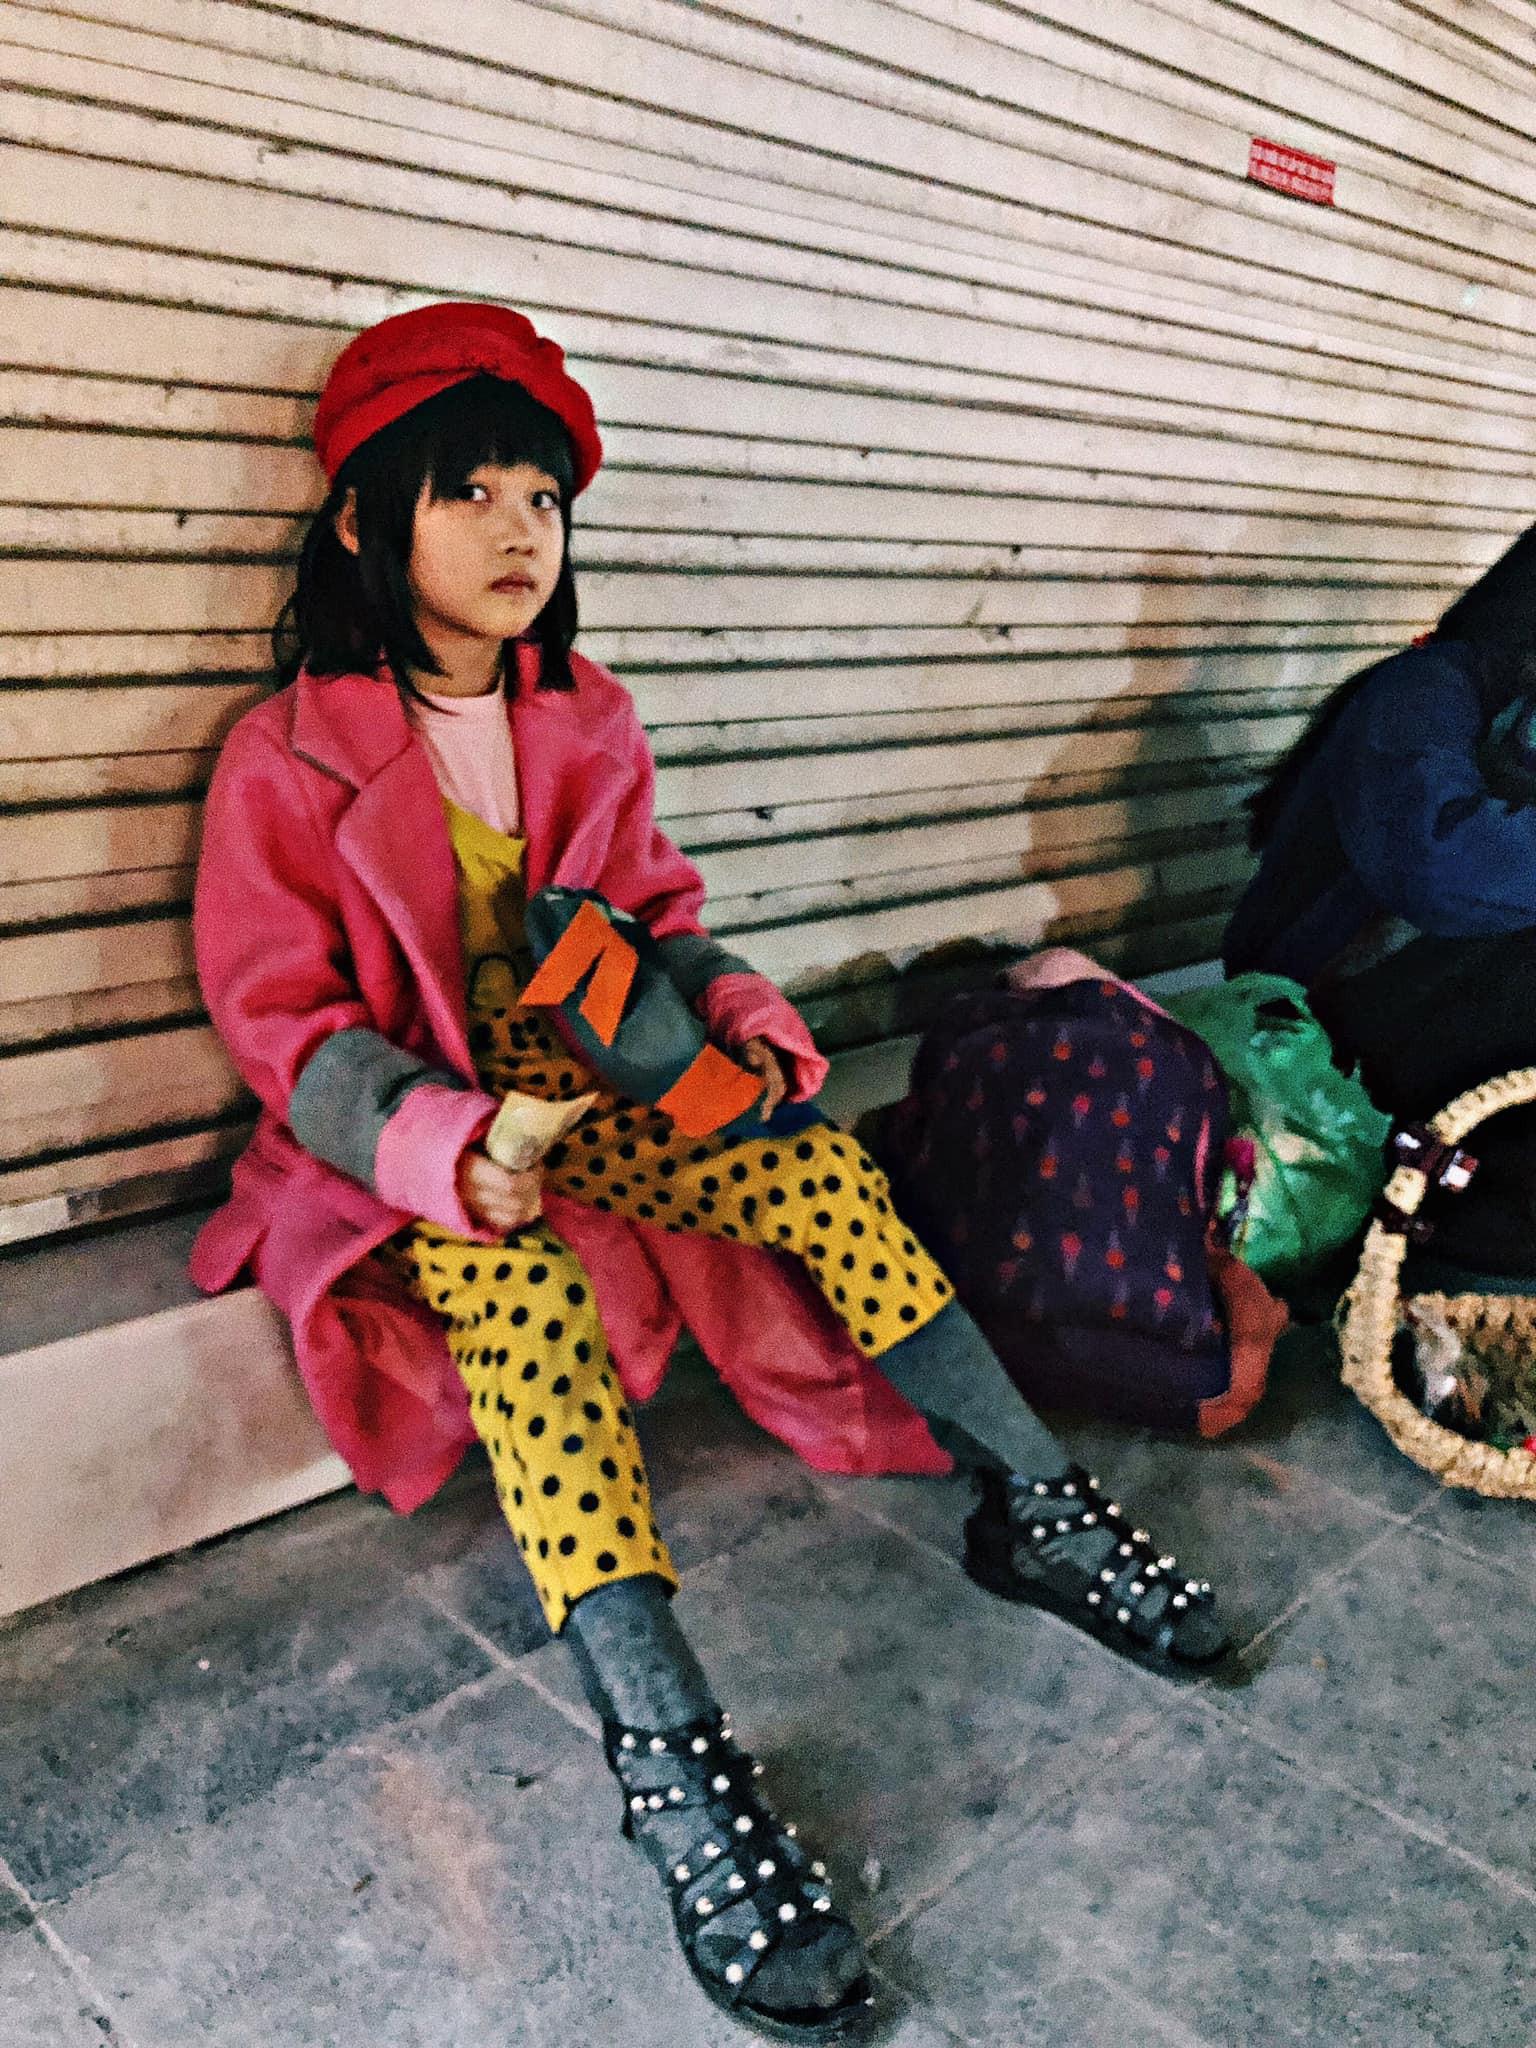 Cô bé vô gia cư 6 tuổi ở Hà Nội gây chú ý với thần thái cùng cách phối quần áo cũ cực chất-3